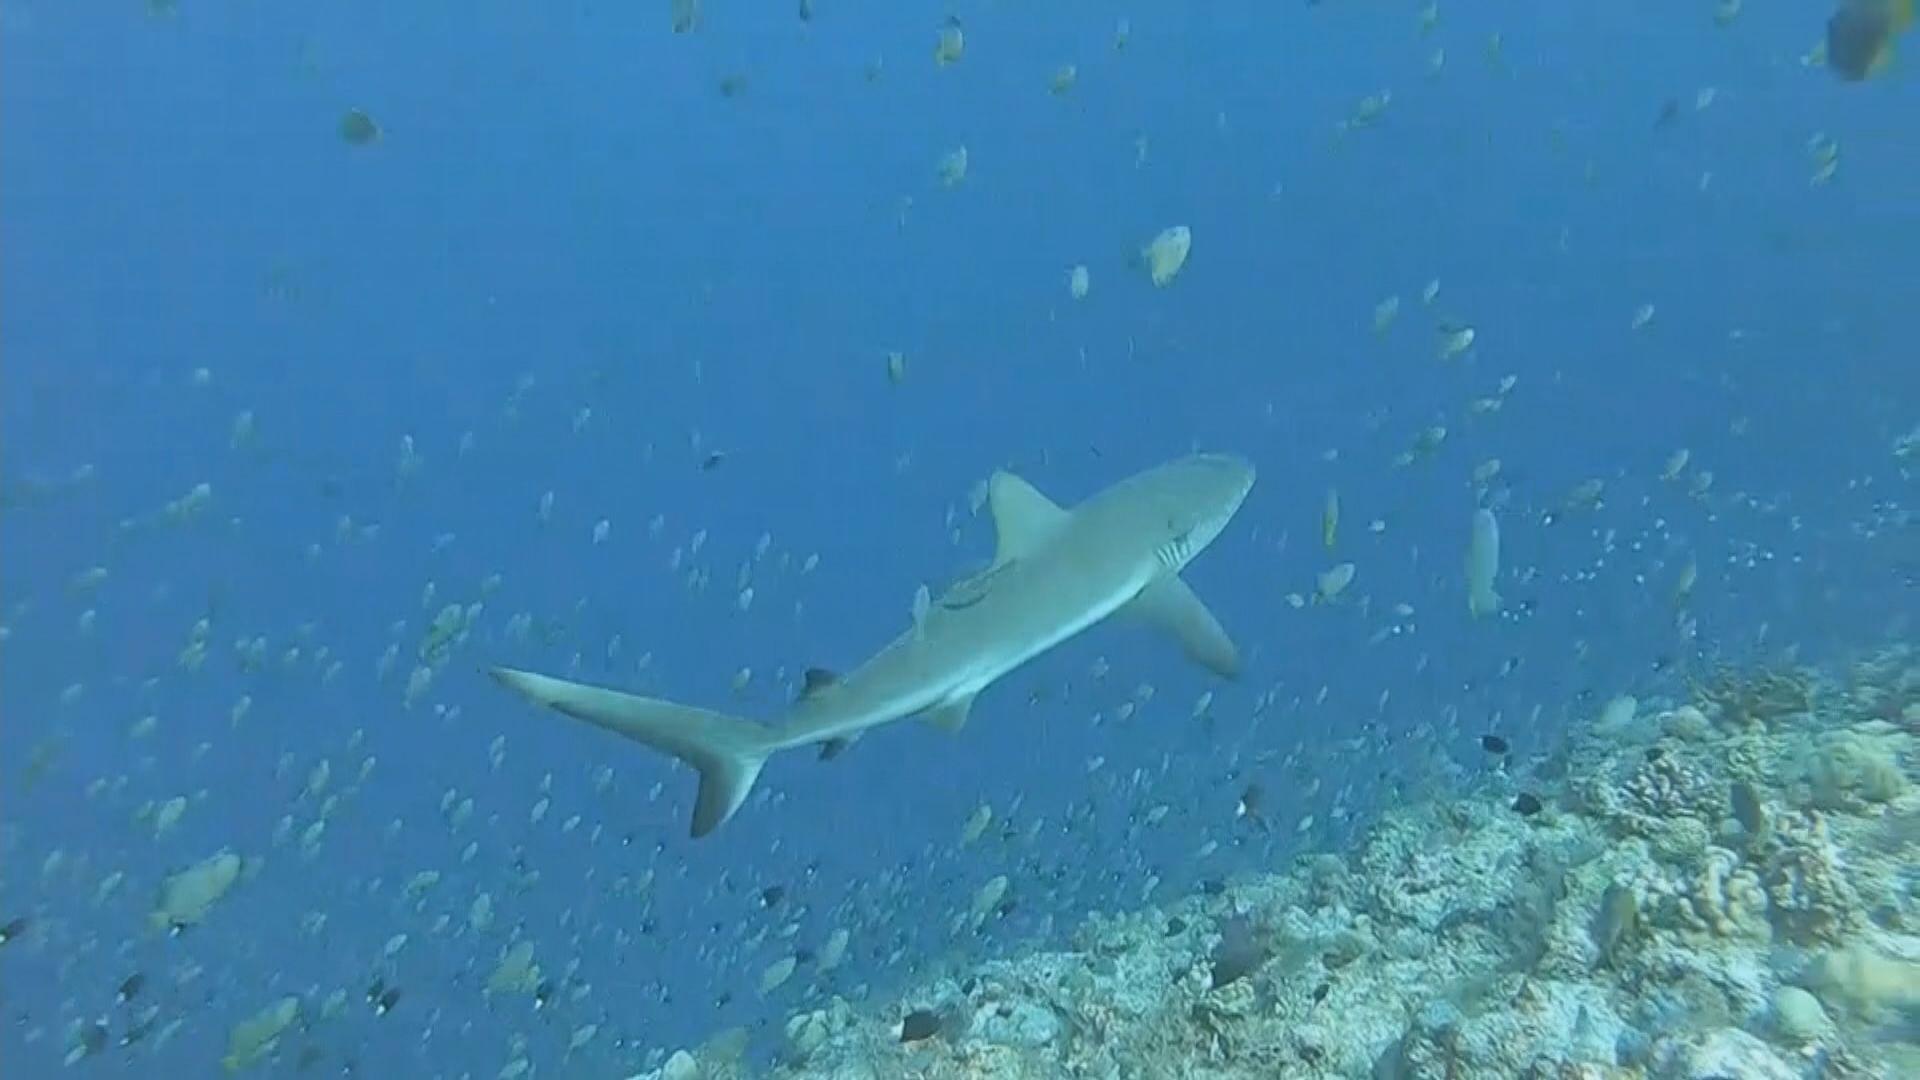 日本決定將核廢水排出海 學者指影響全球魚類遷徒及漁業安全